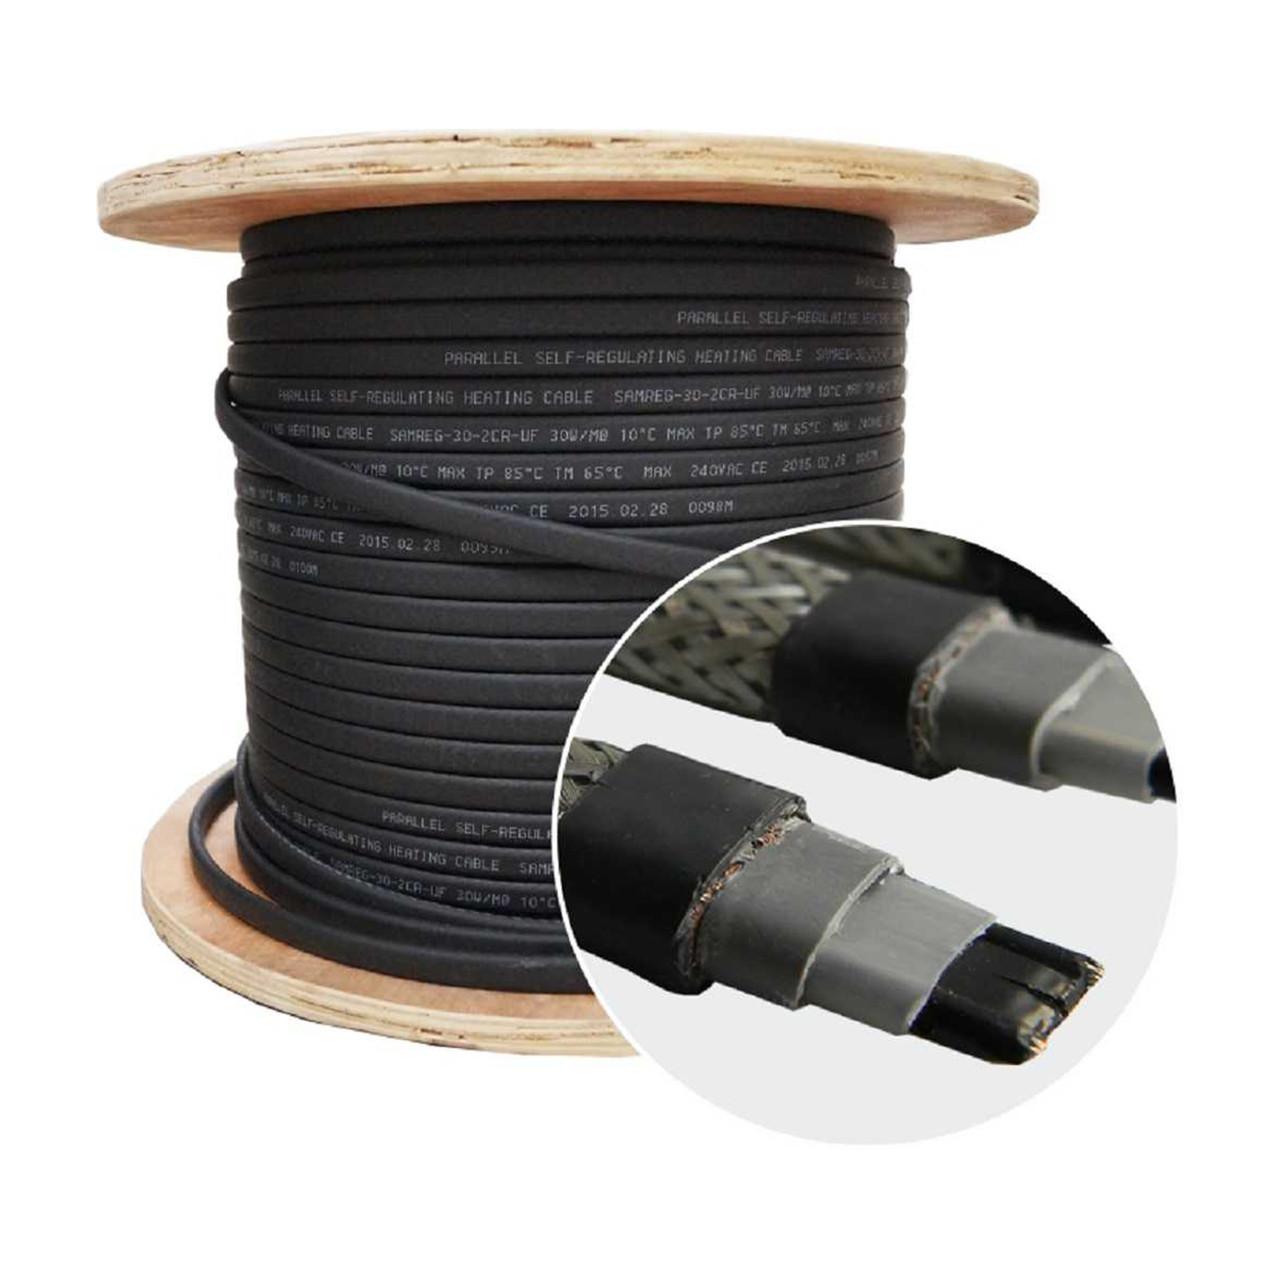 Саморегулирующийся нагревательный кабель SRL 16-2CR-UF